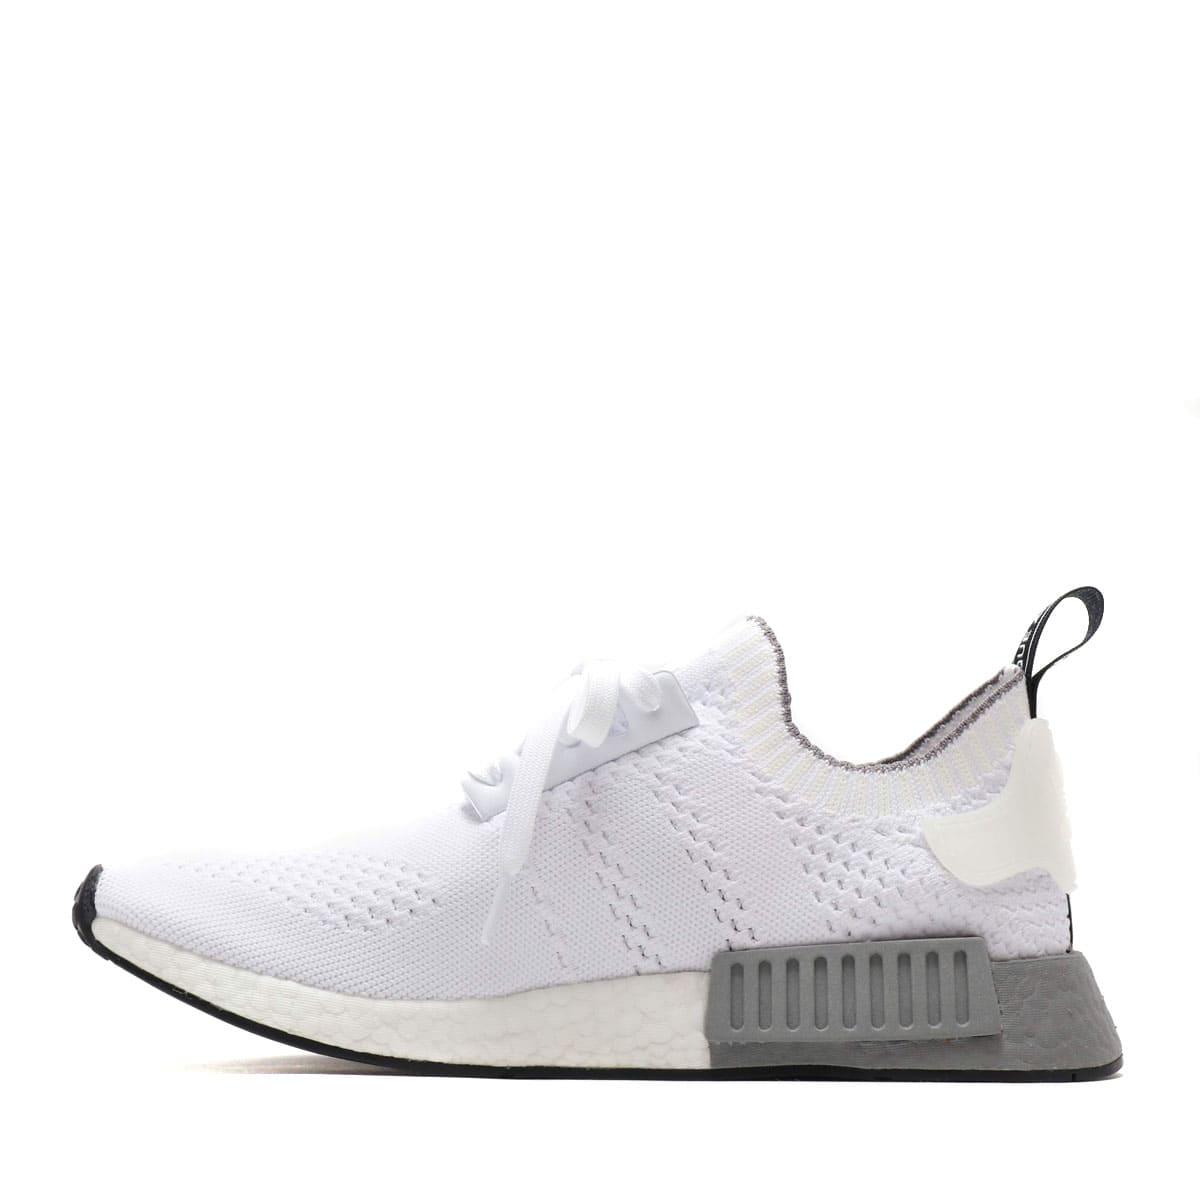 """""""adidas NMD_R1 PK RUNNING WHITE/RUNNING WHITE/GREY THREE 19FW-I""""_photo_3"""